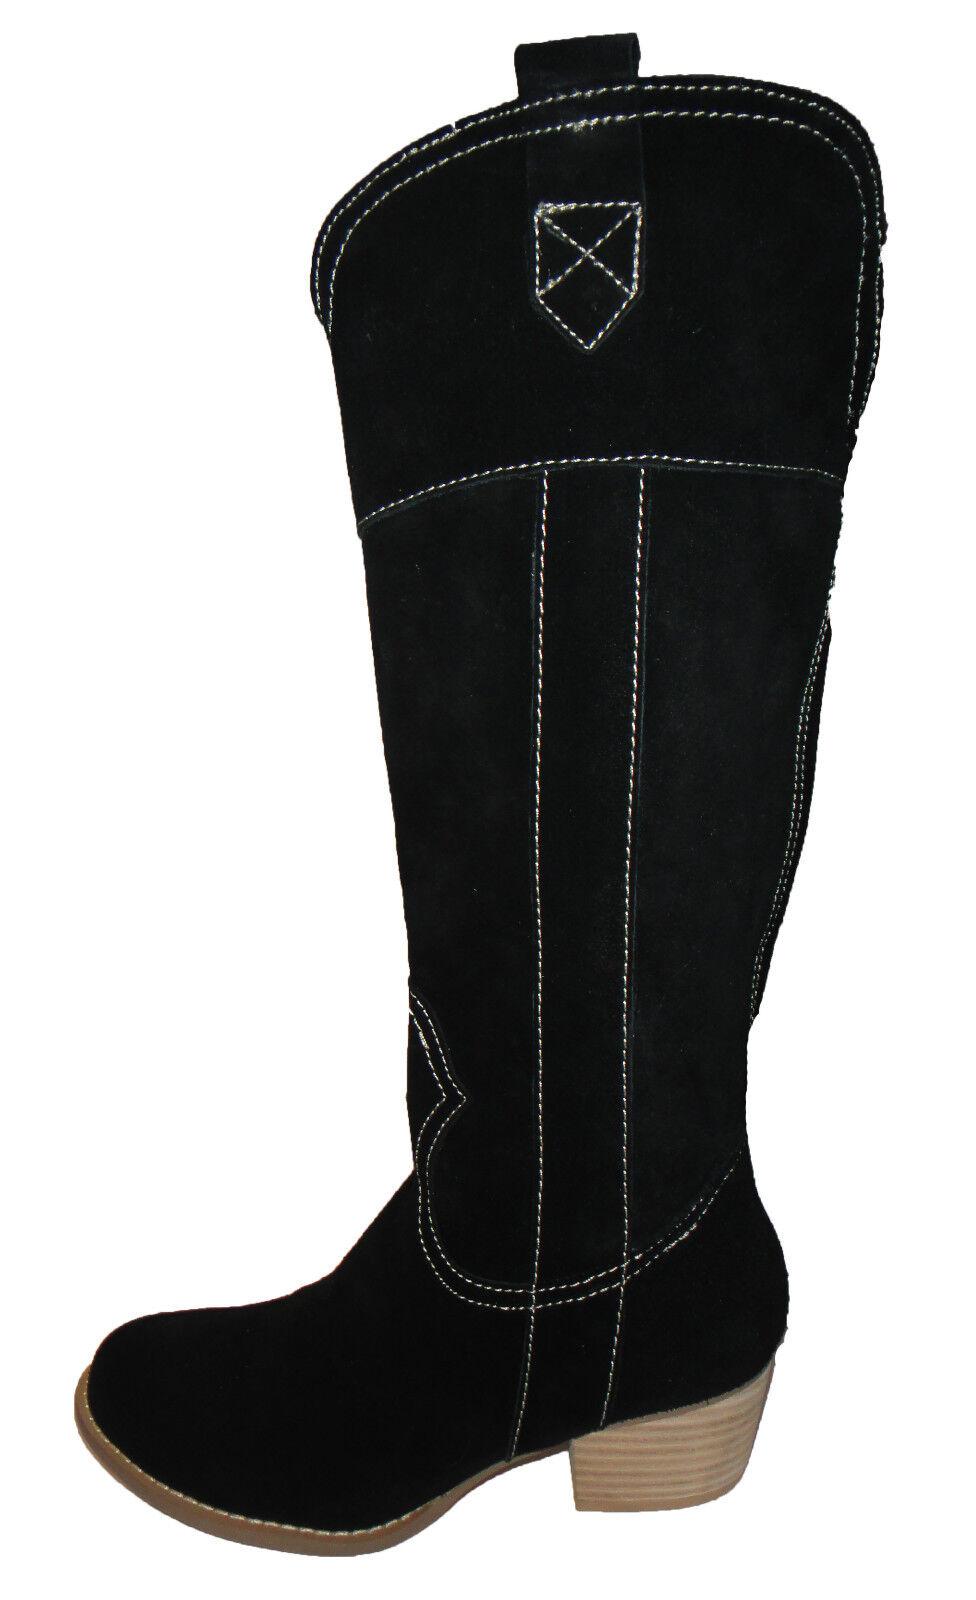 acquista online oggi Topshop NERI IN PELLE SCAMOSCIATA BIANCO CUCITURE CUCITURE CUCITURE midcalf Kitsch Stivali Cowboy Western 5 38  sport caldi